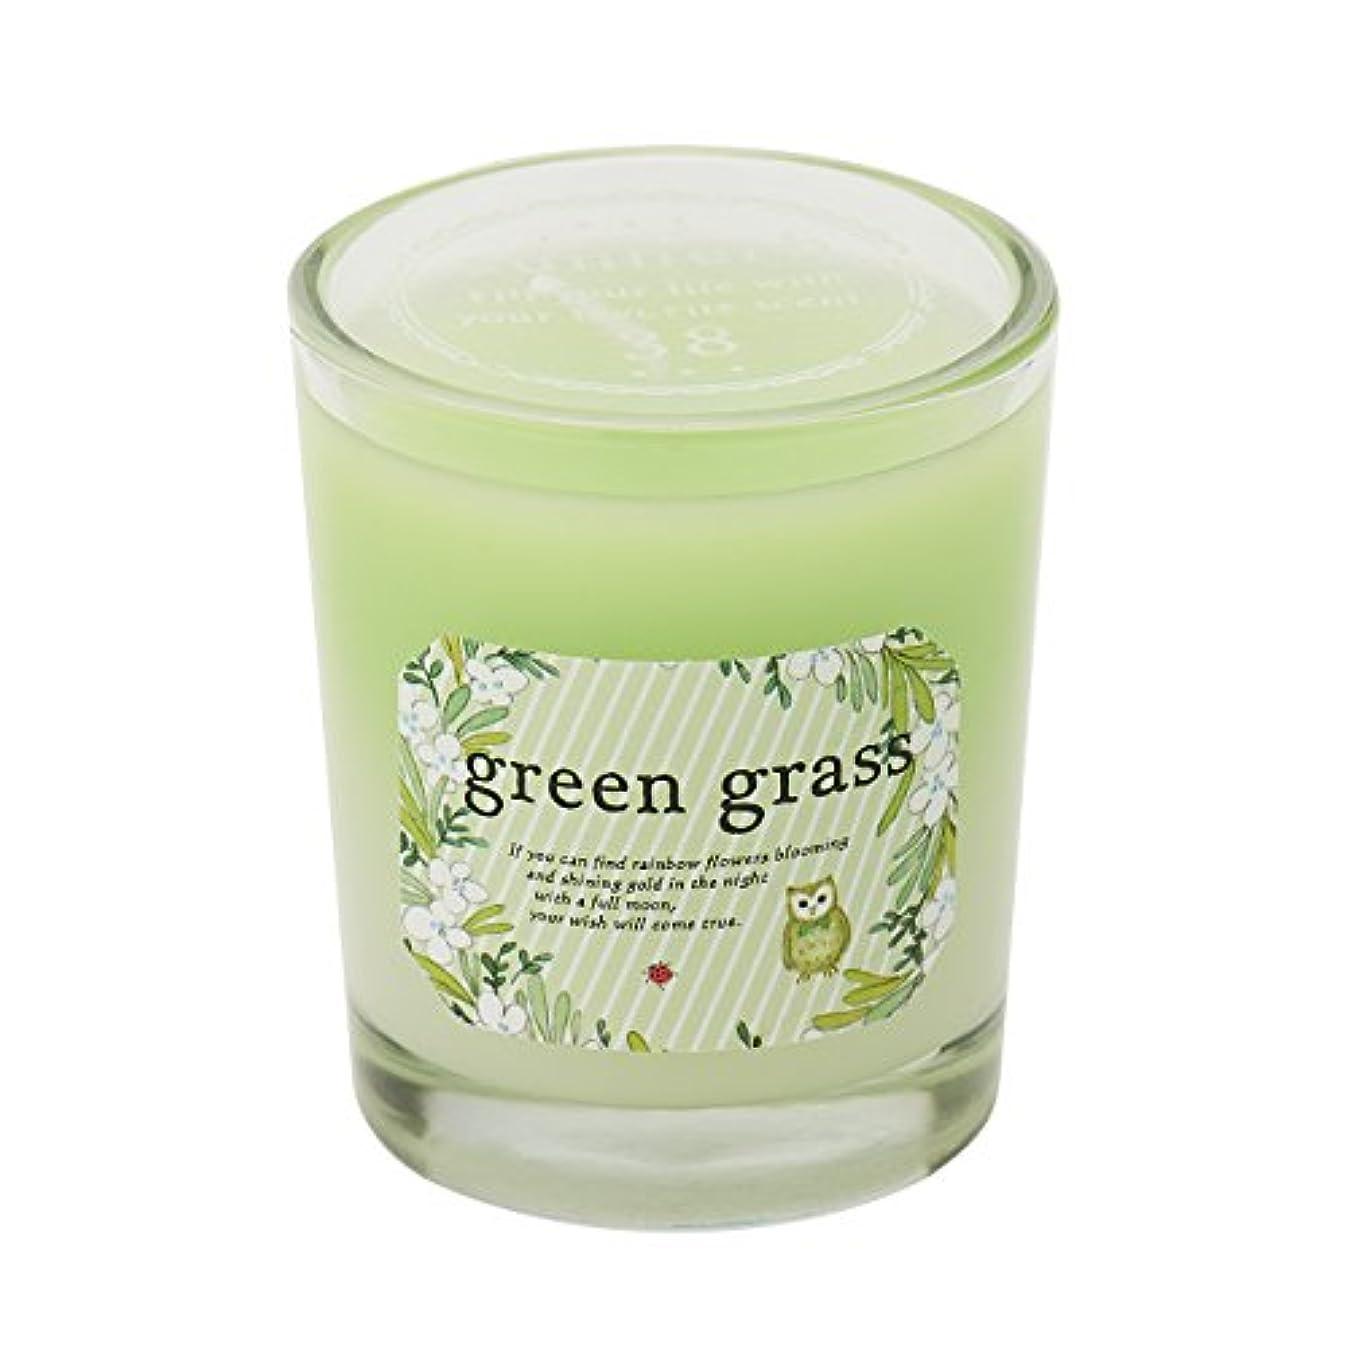 クリエイティブ根拠同等のサンハーブ グラスキャンドル グリーングラス 35g(グラデーションろうそく 燃焼時間約10時間 爽やかでちょっと大人の香り)